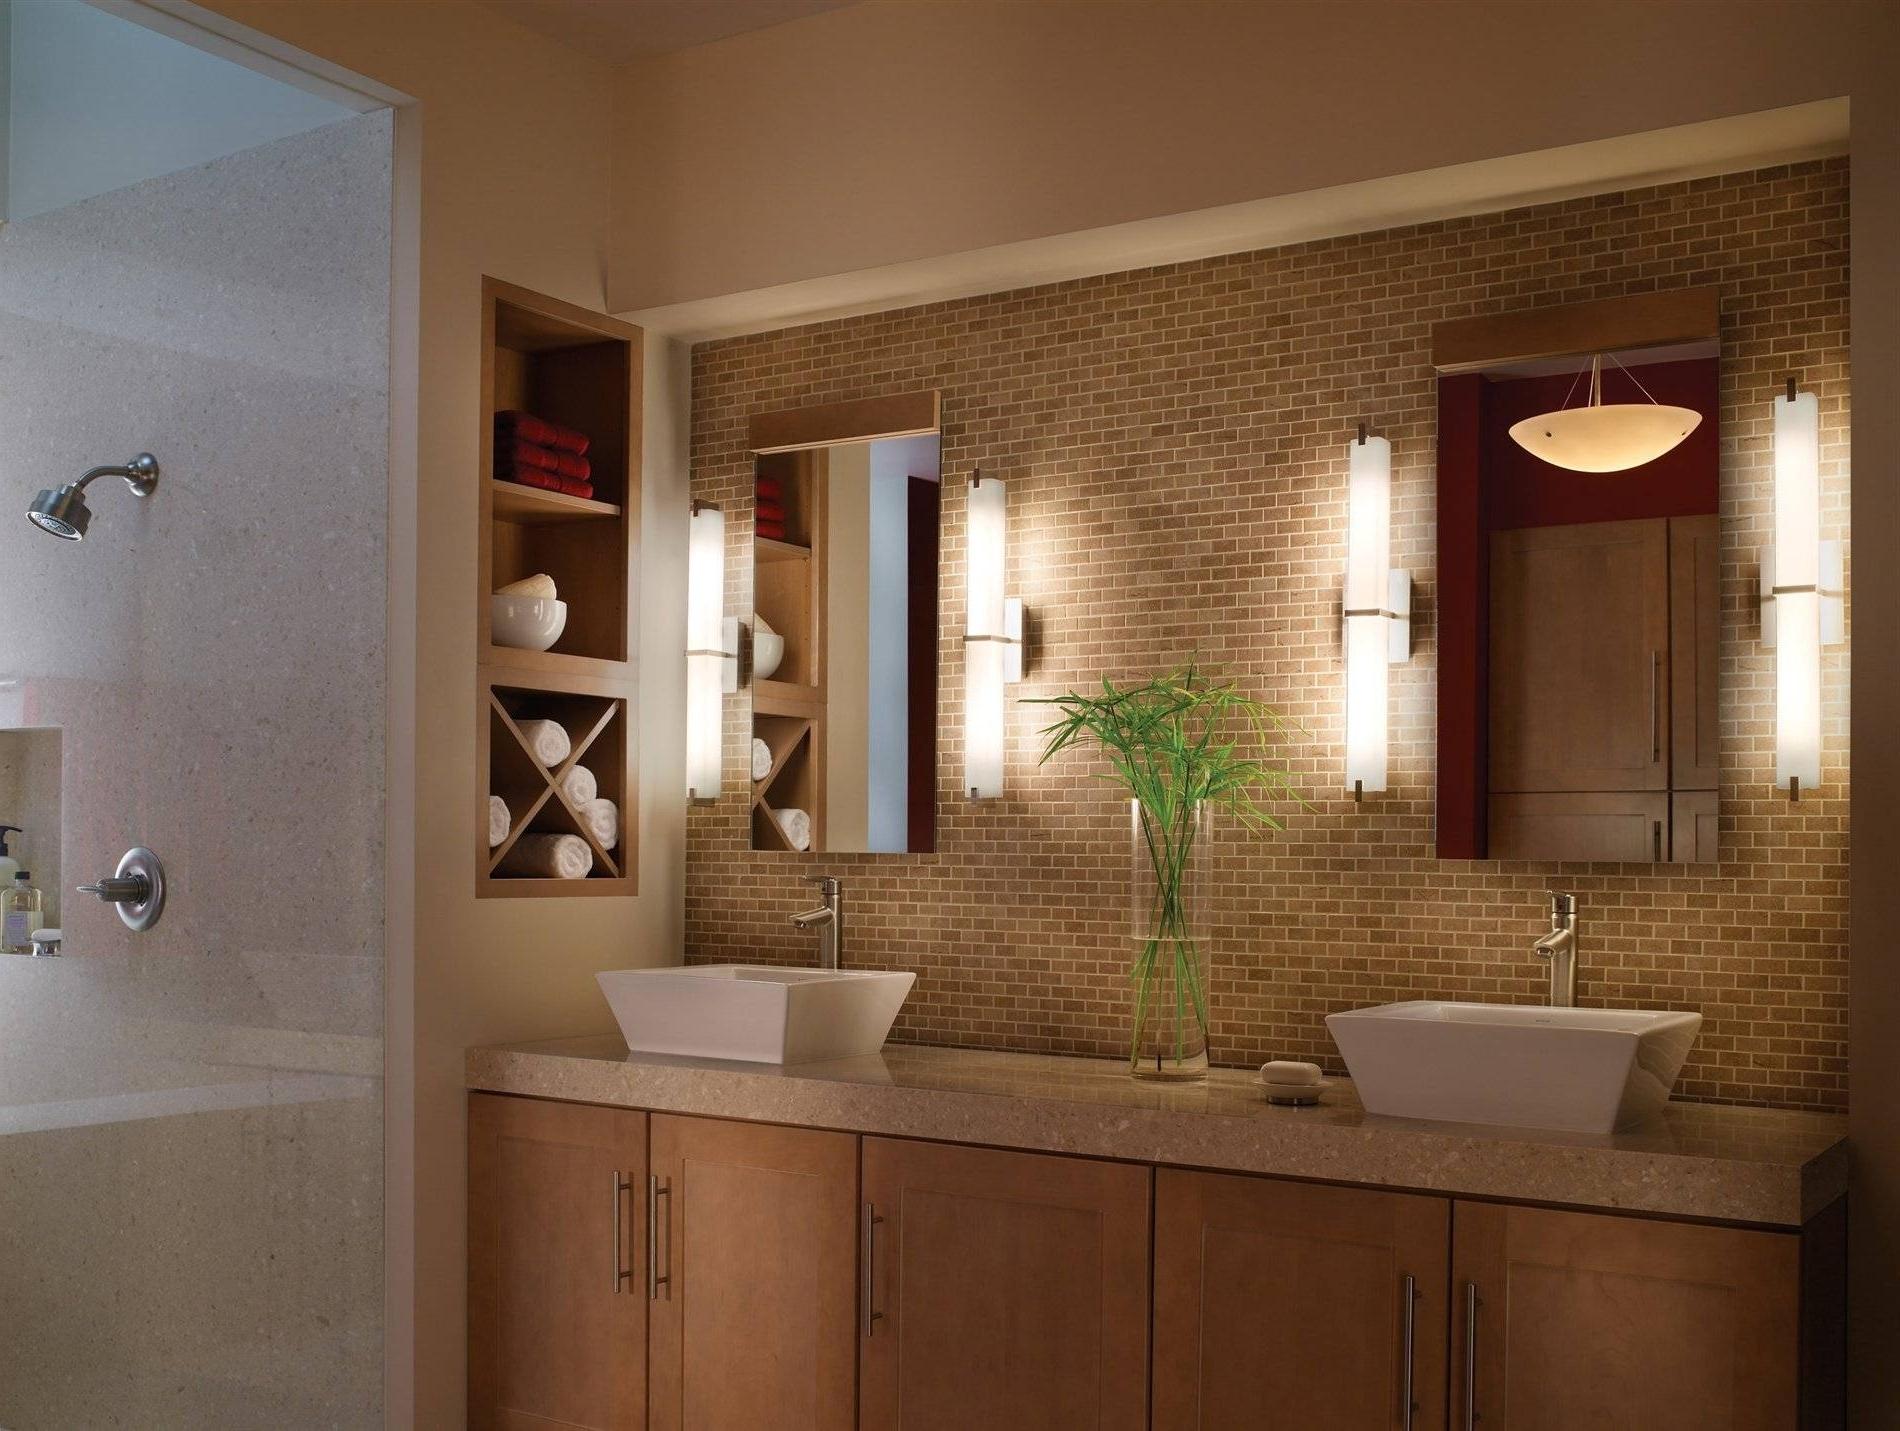 2019 Bathroom Design : Inspirationalbathroom Vanity Lighting @ Unique With Chandelier Bathroom Vanity Lighting (View 20 of 20)